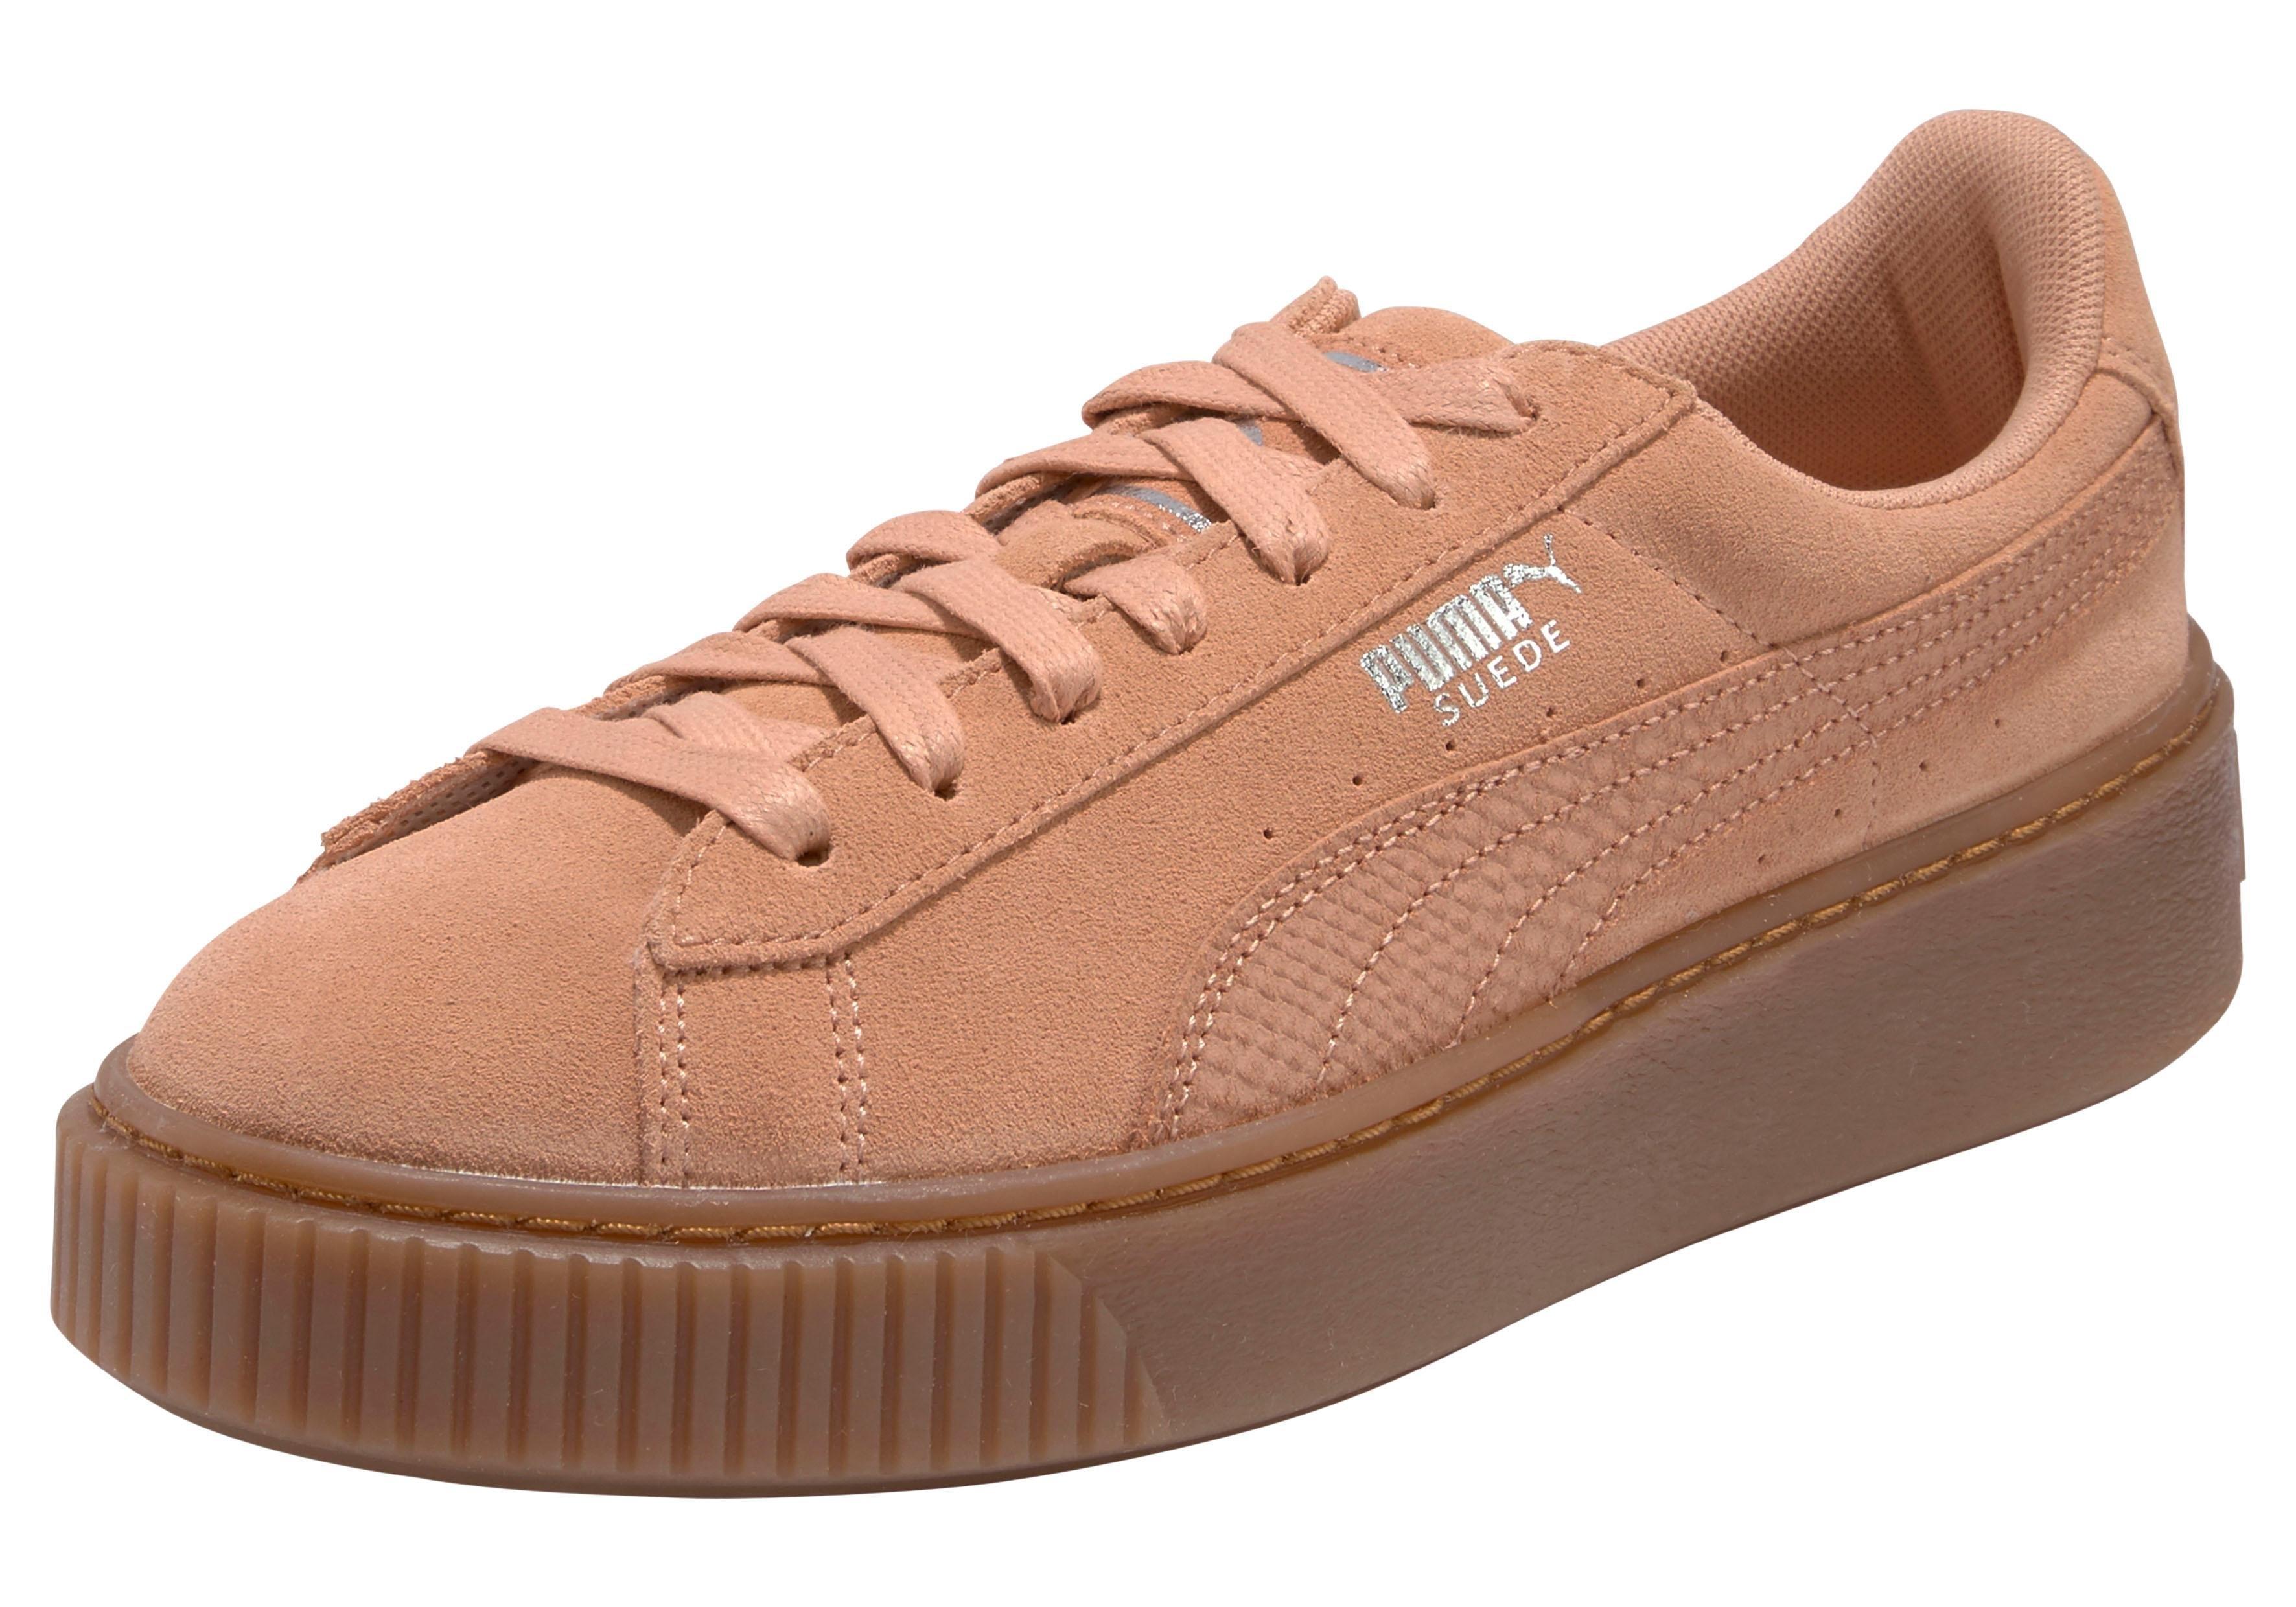 f8f8d1039f8 Creepers kopen? Bekijk hier alle Creepers schoenen   OTTO